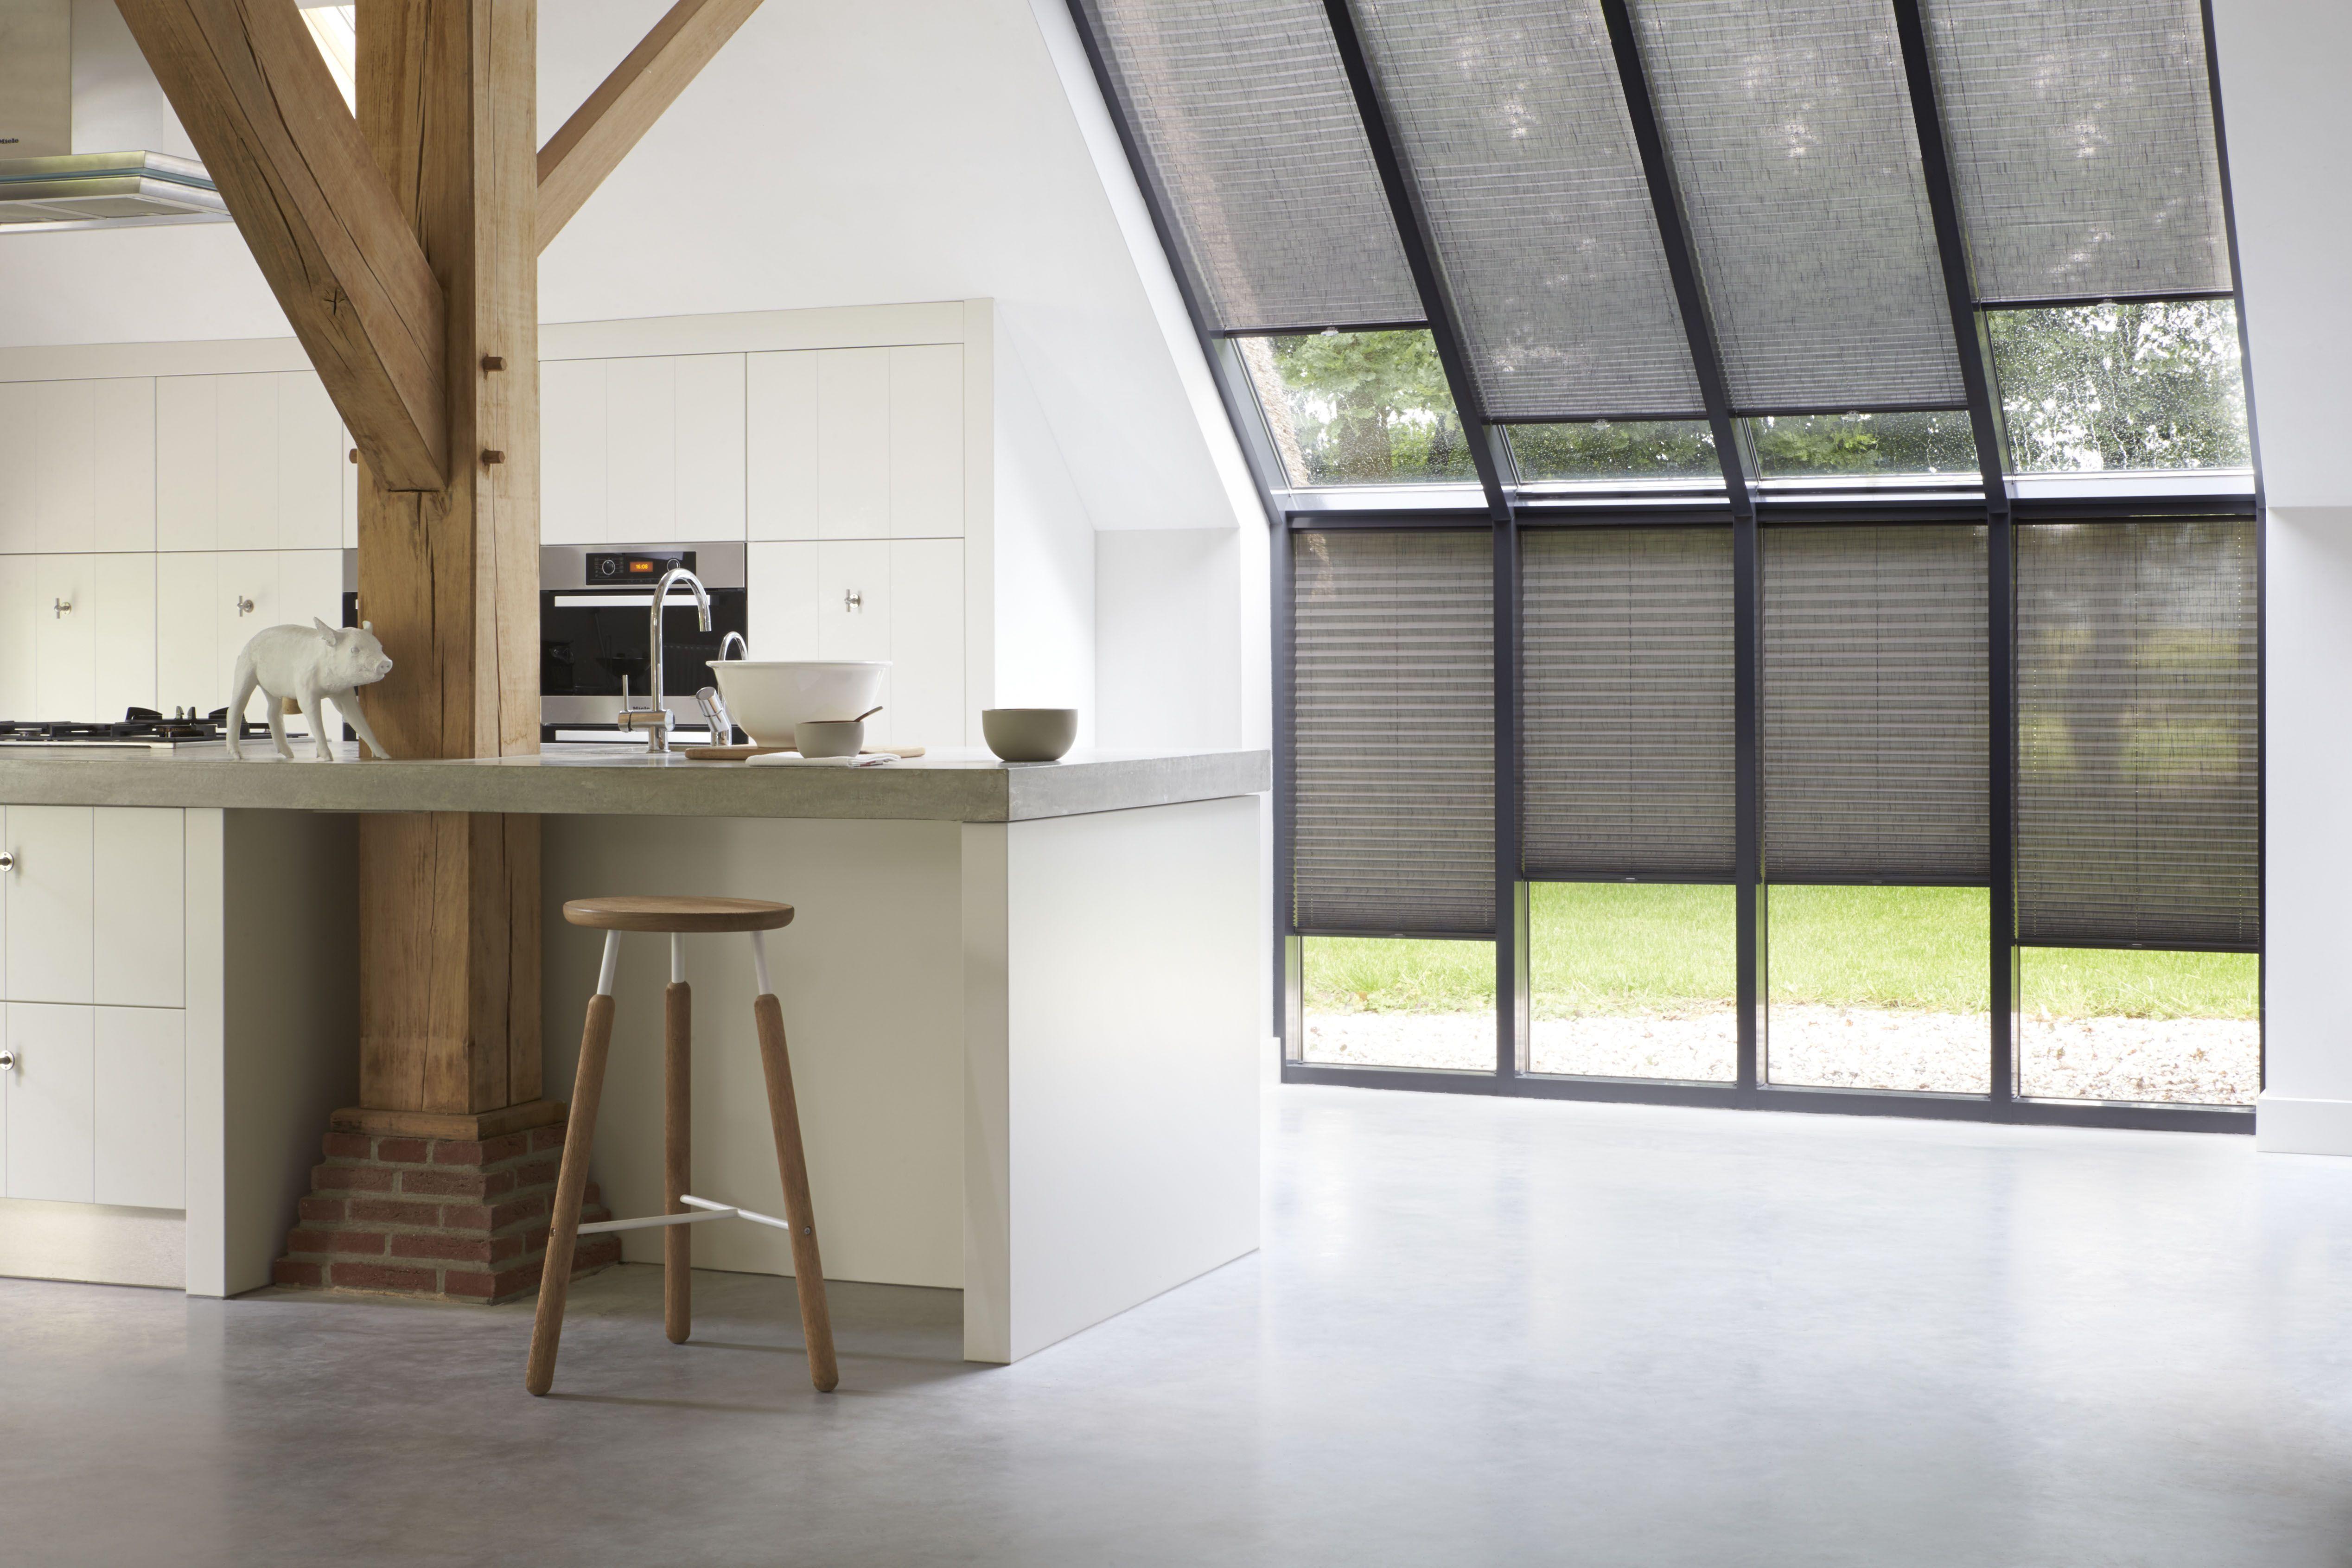 Keukens in aparte ruimtes geen probleem! #plissé #raamdecoratie